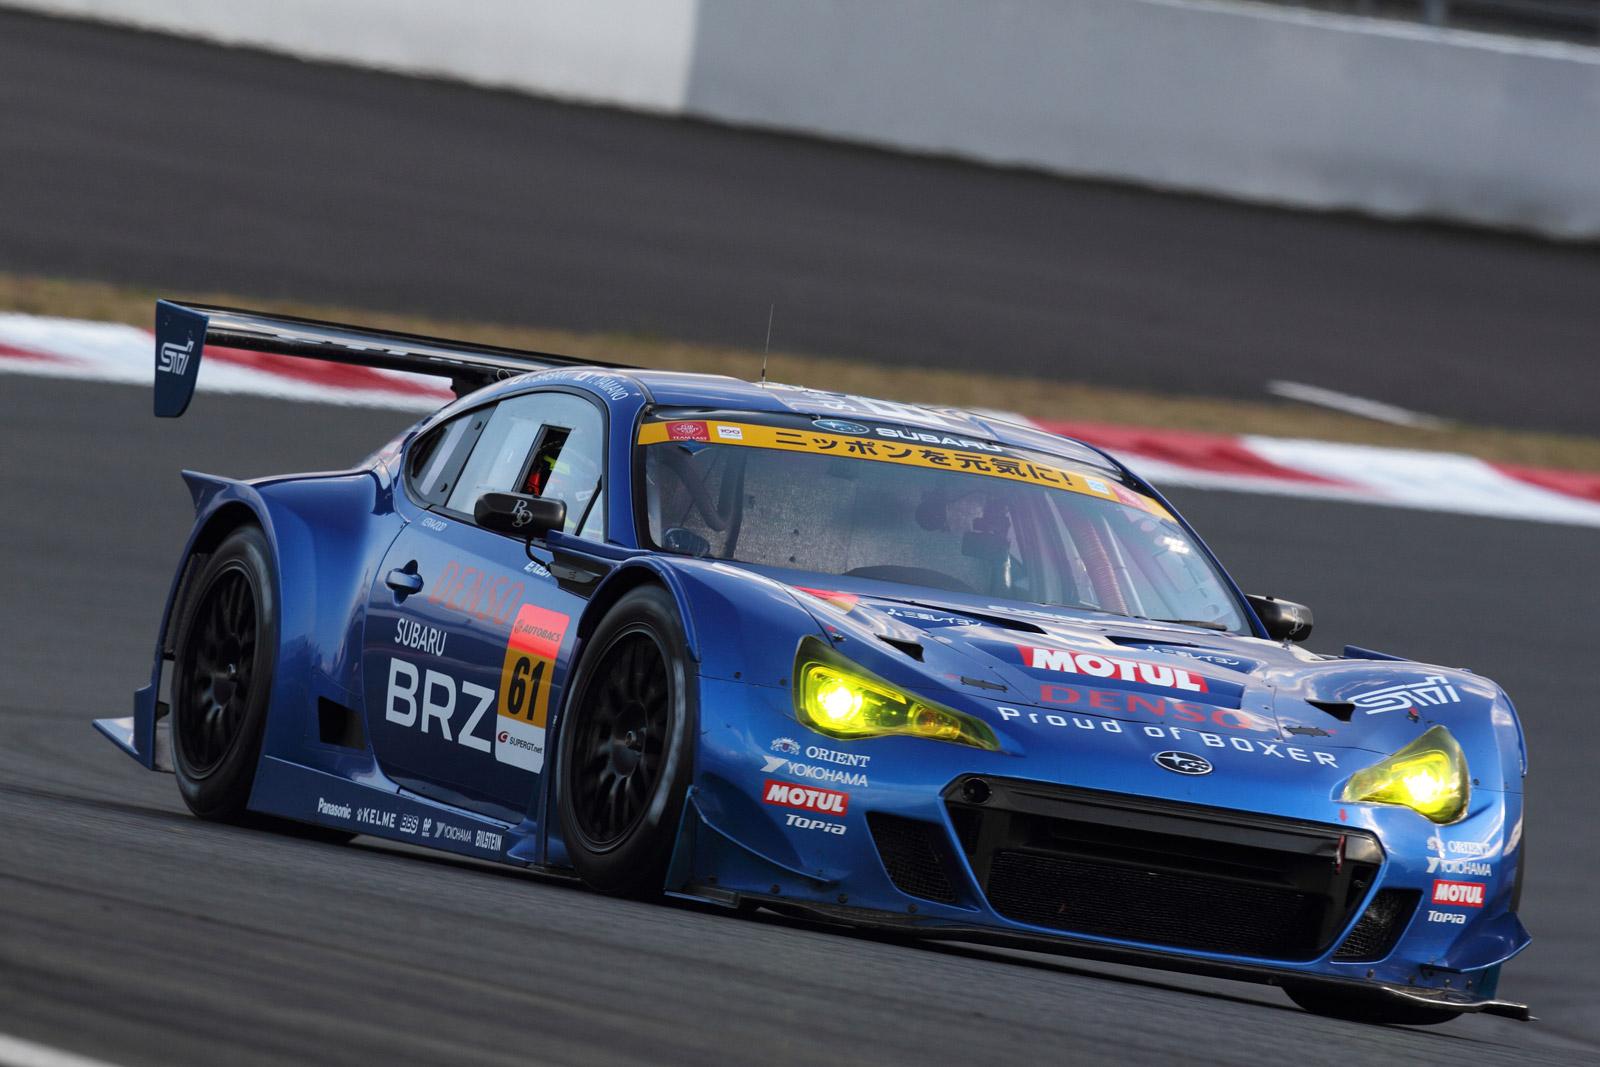 Subaru Outlines 2013 Motorsport Activities